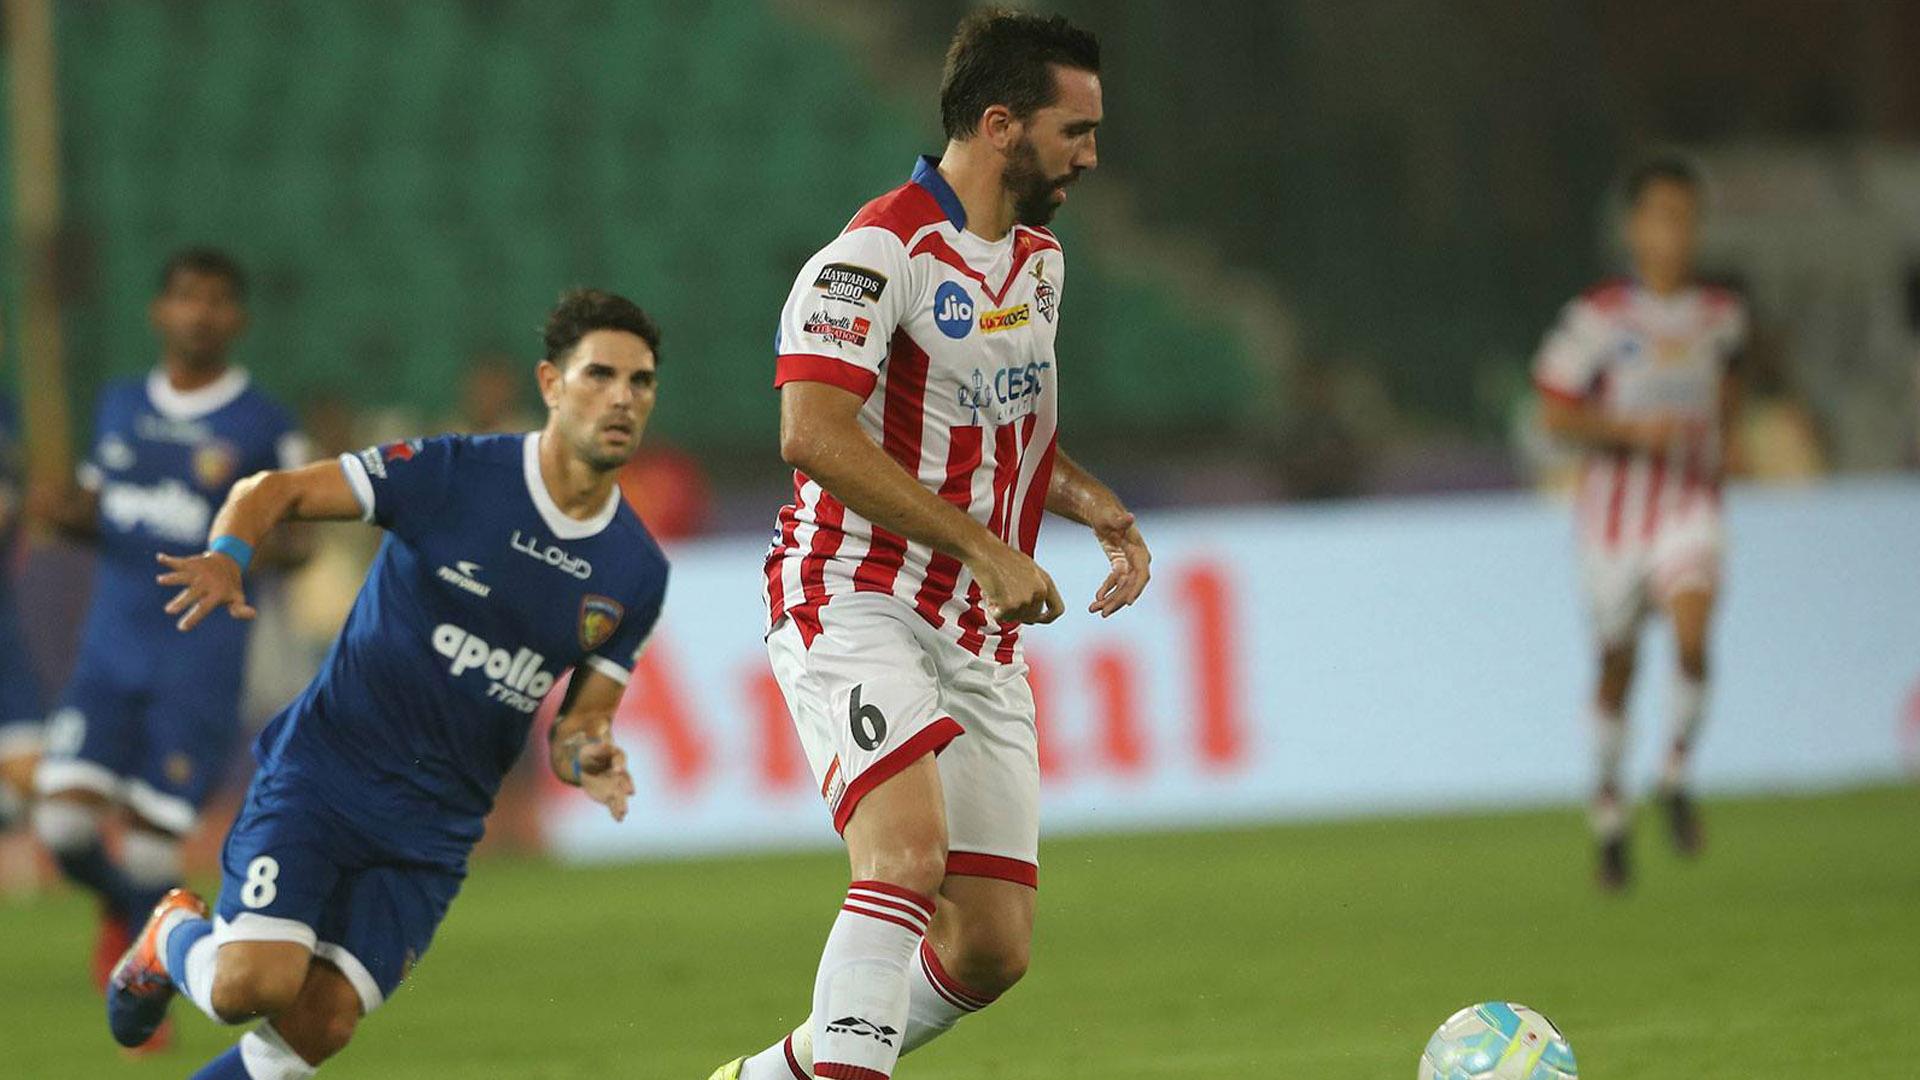 Jordi Figueras Chennaiyin FC ATK ISL season 4 2017/2018